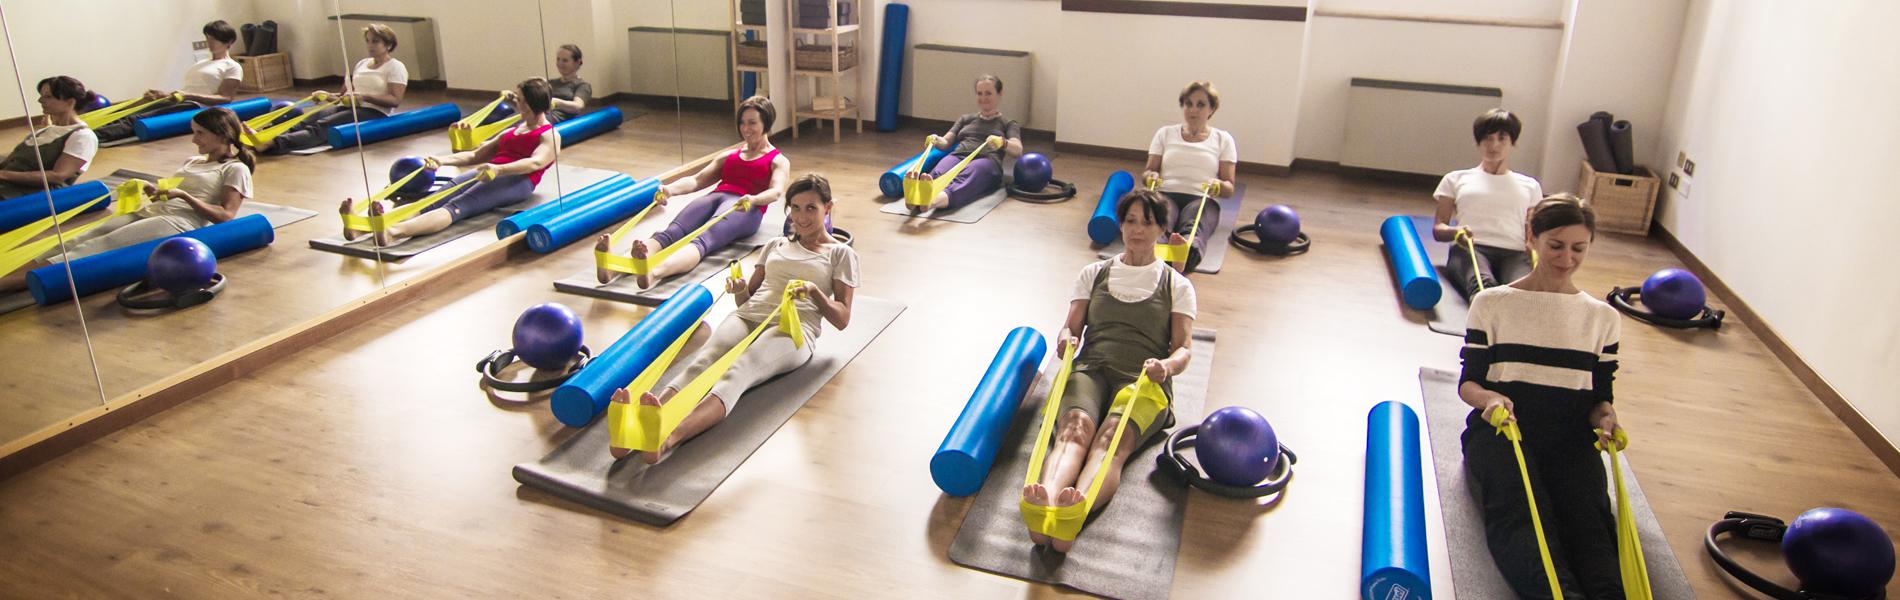 Pilates Piu Verona Relax E Benessere